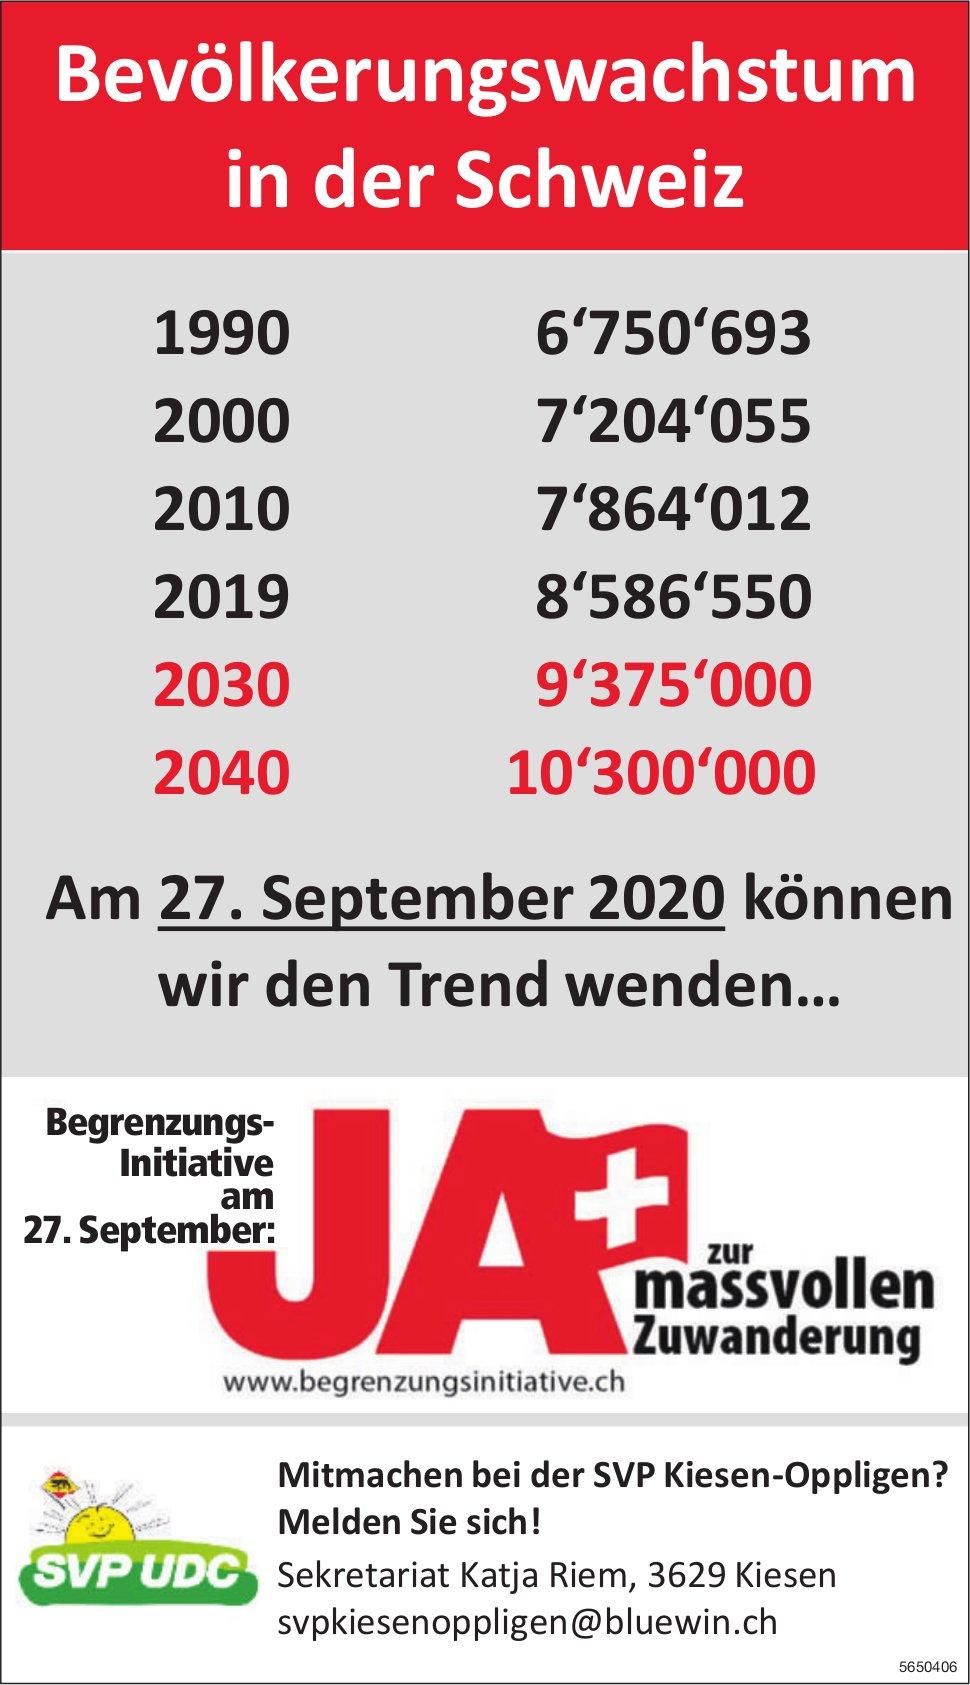 Ja zur massvollen Zuwanderung -  Bevölkerungswachstum in der Schweiz